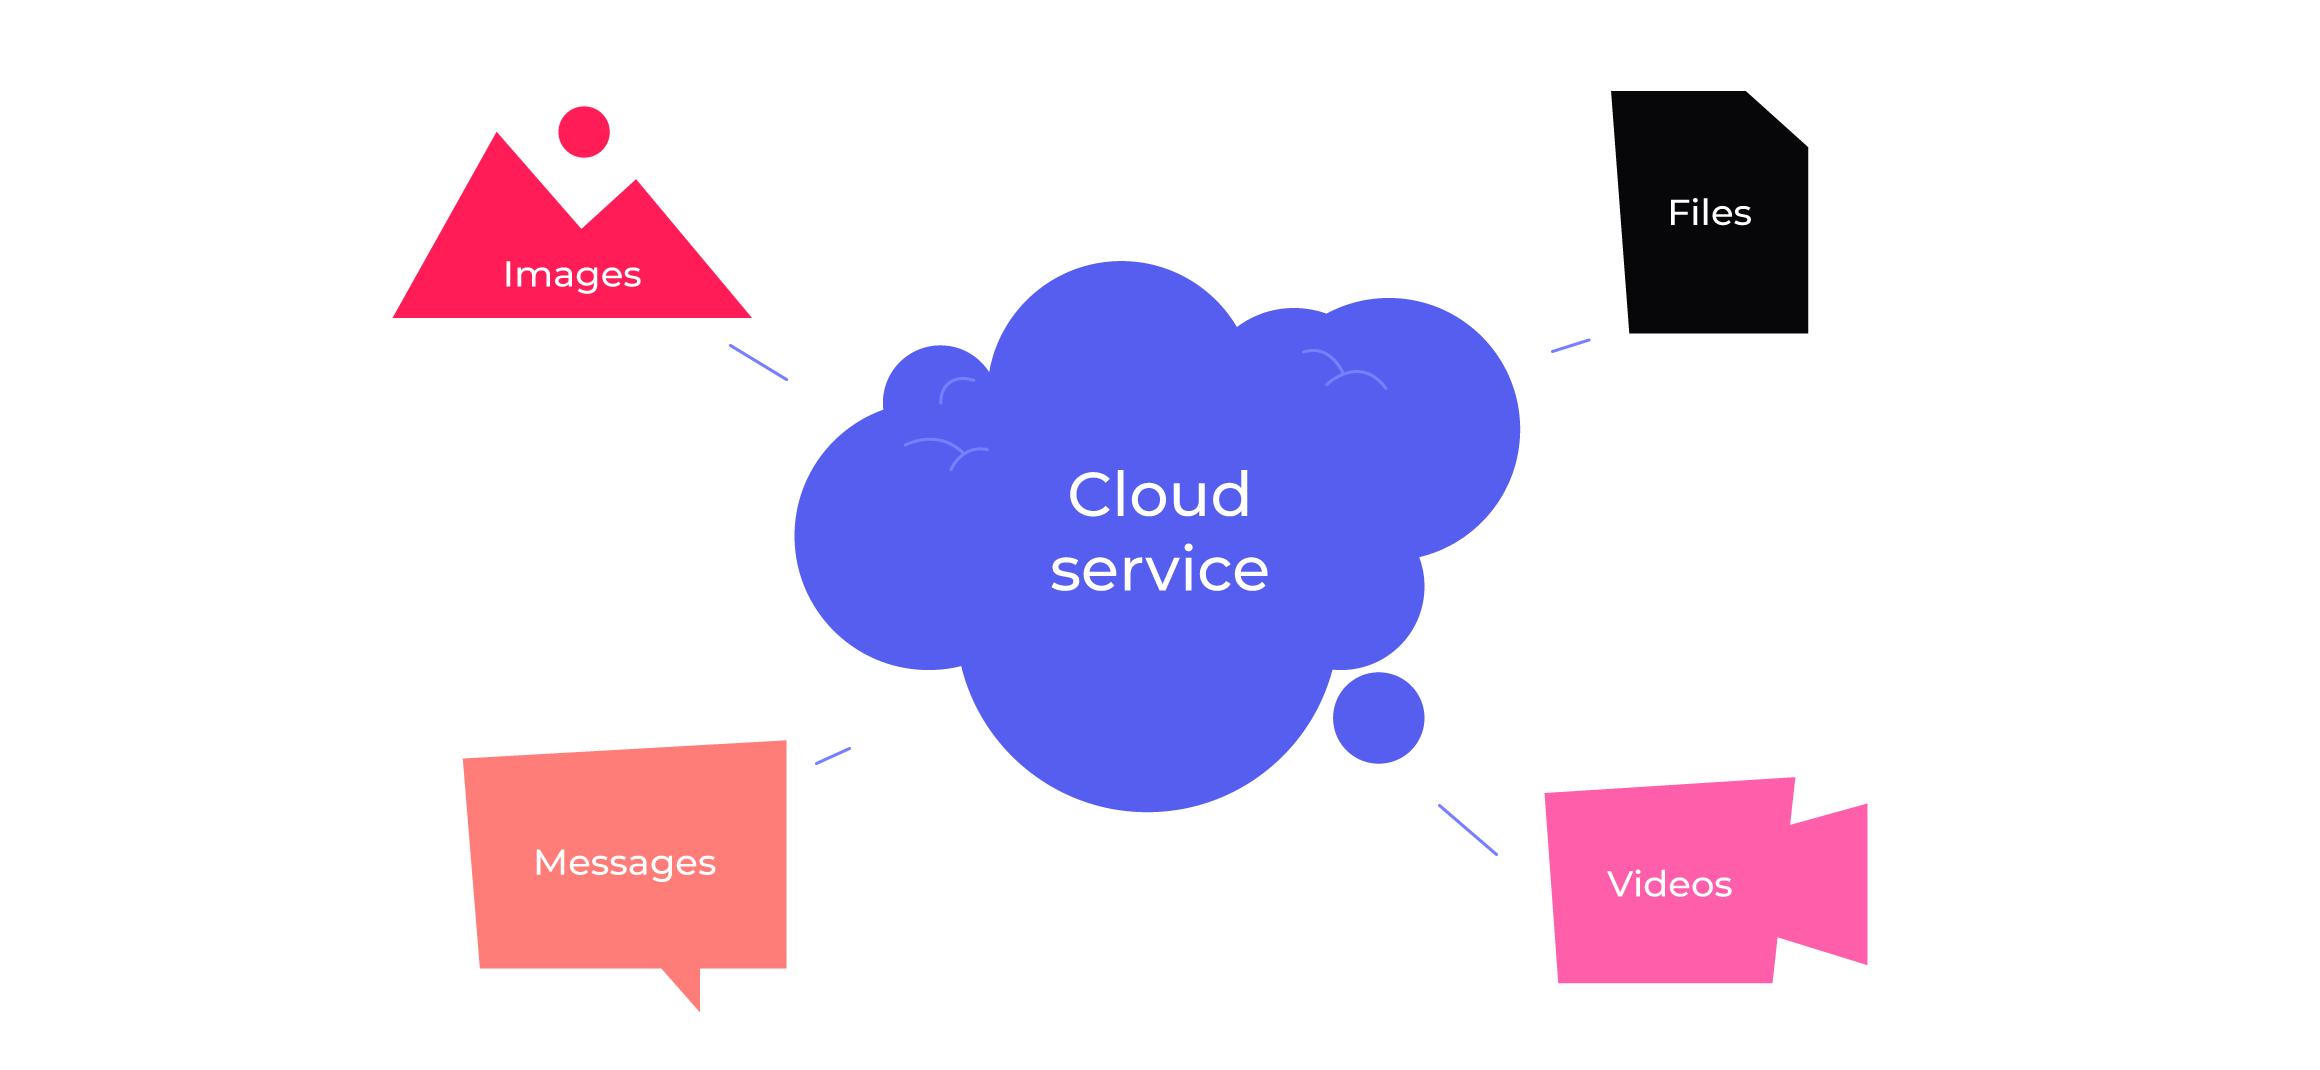 cloud-service